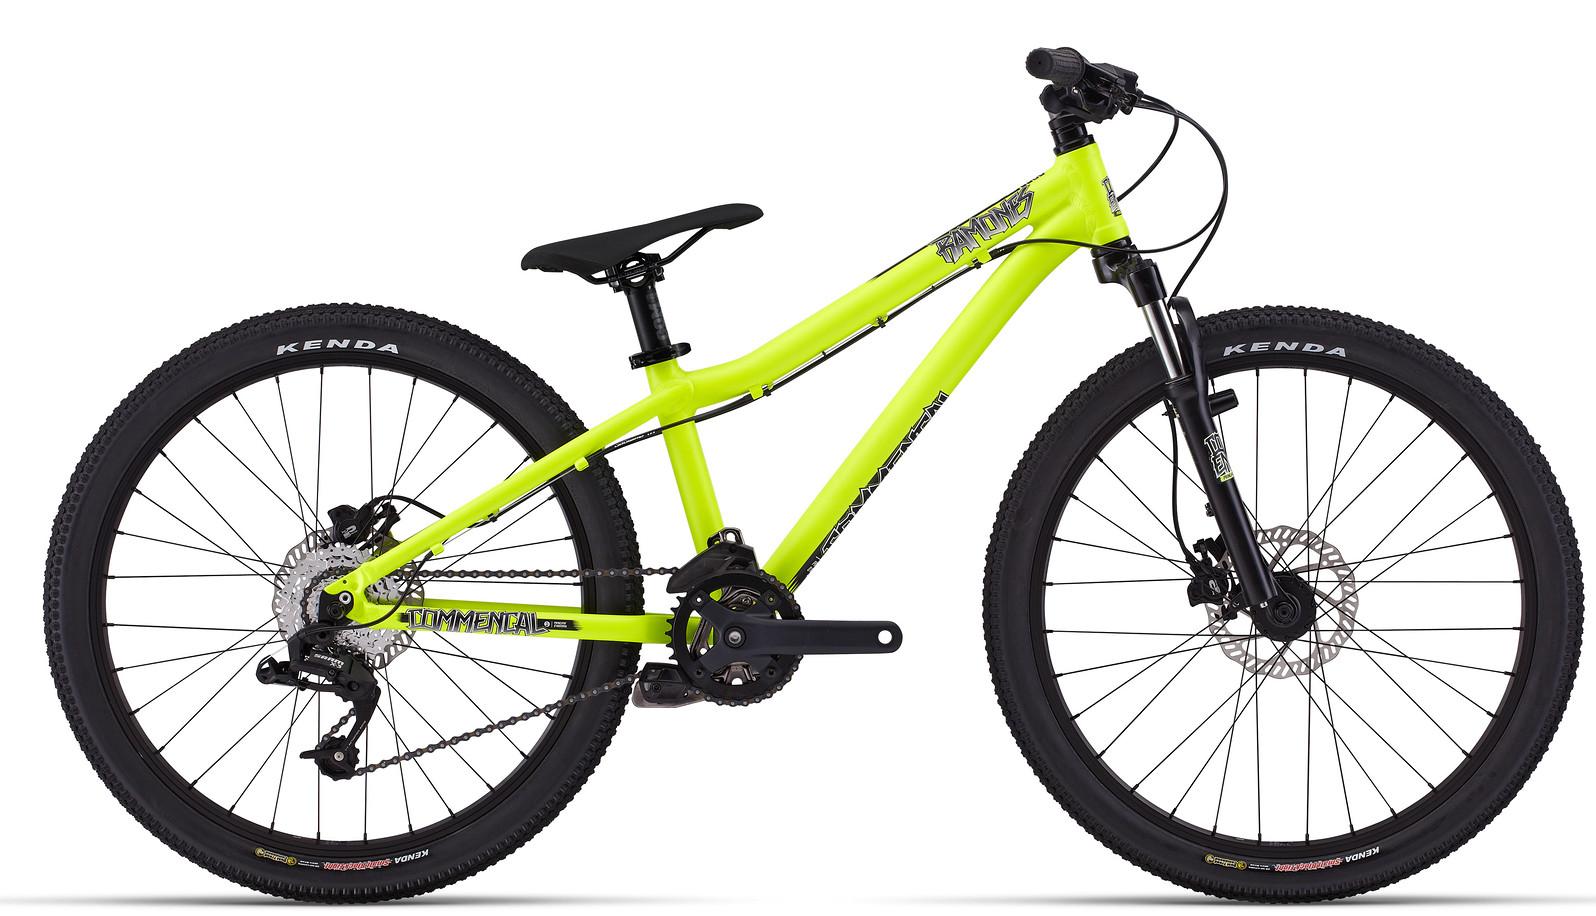 2014 Commencal Ramones 24 Bike 14RAMONES24